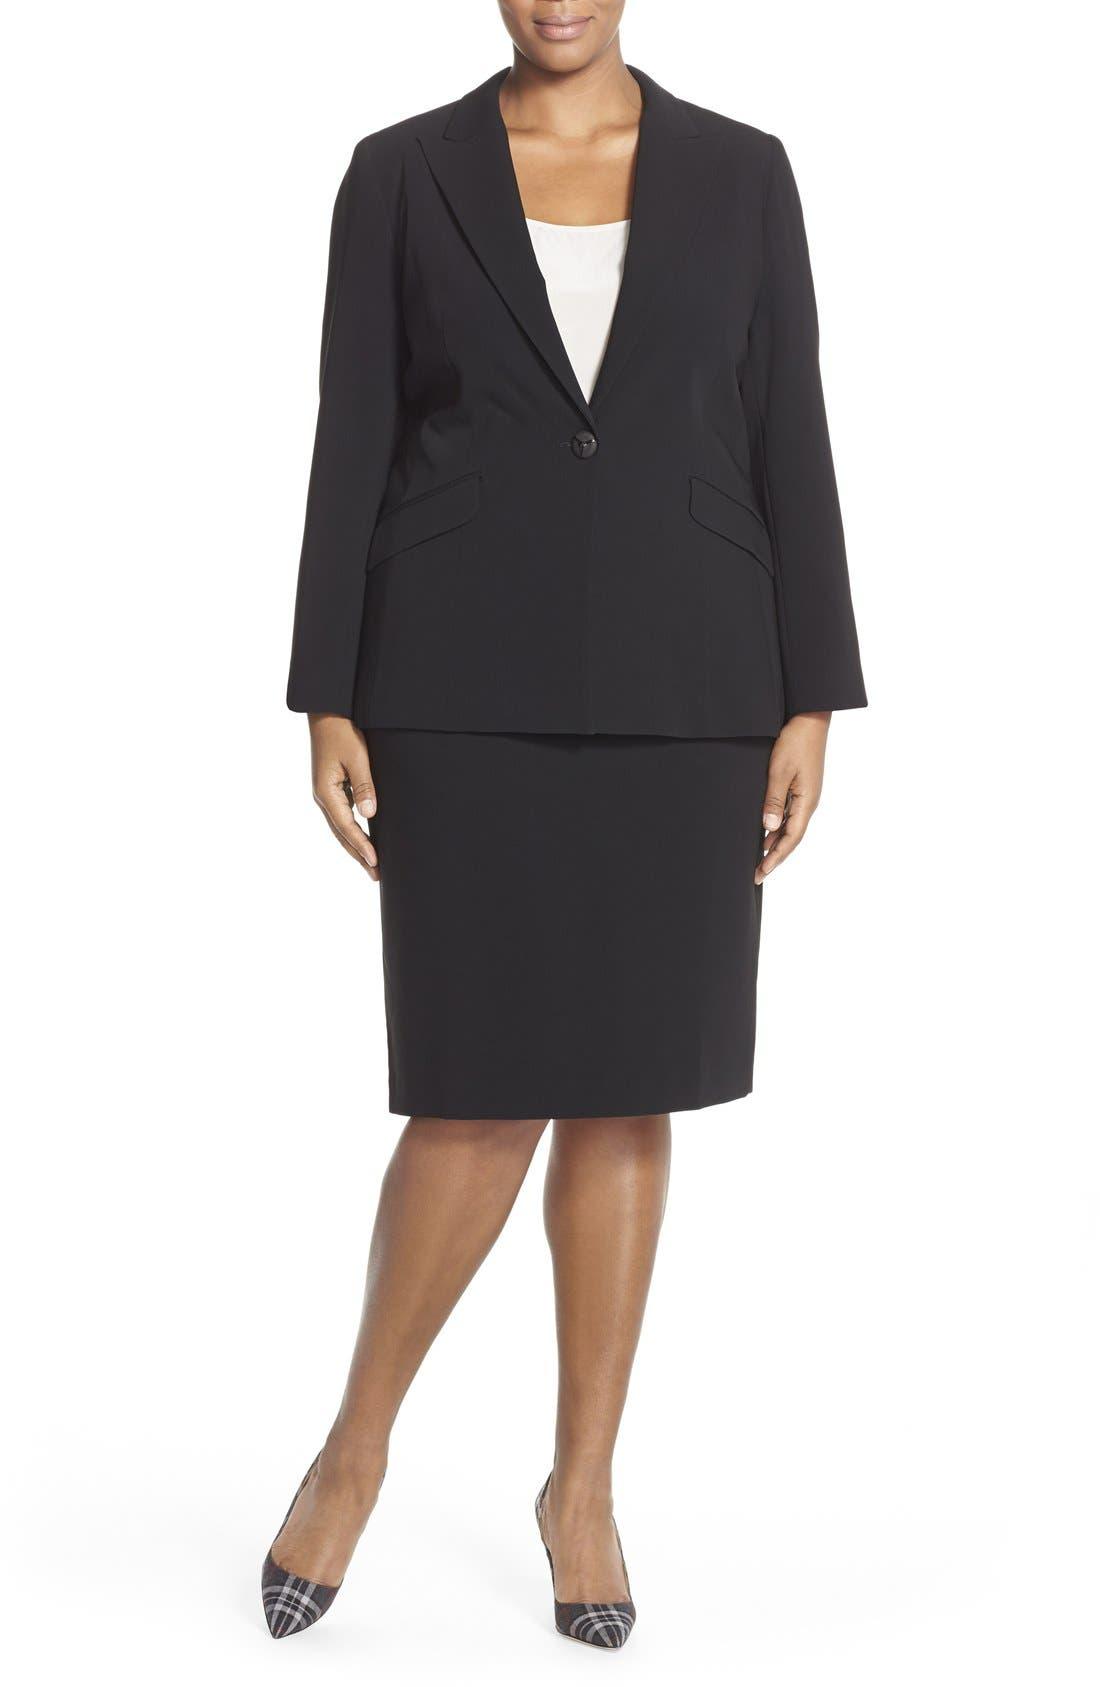 LOUBEN,                             Suit Pencil Skirt,                             Alternate thumbnail 6, color,                             BLACK